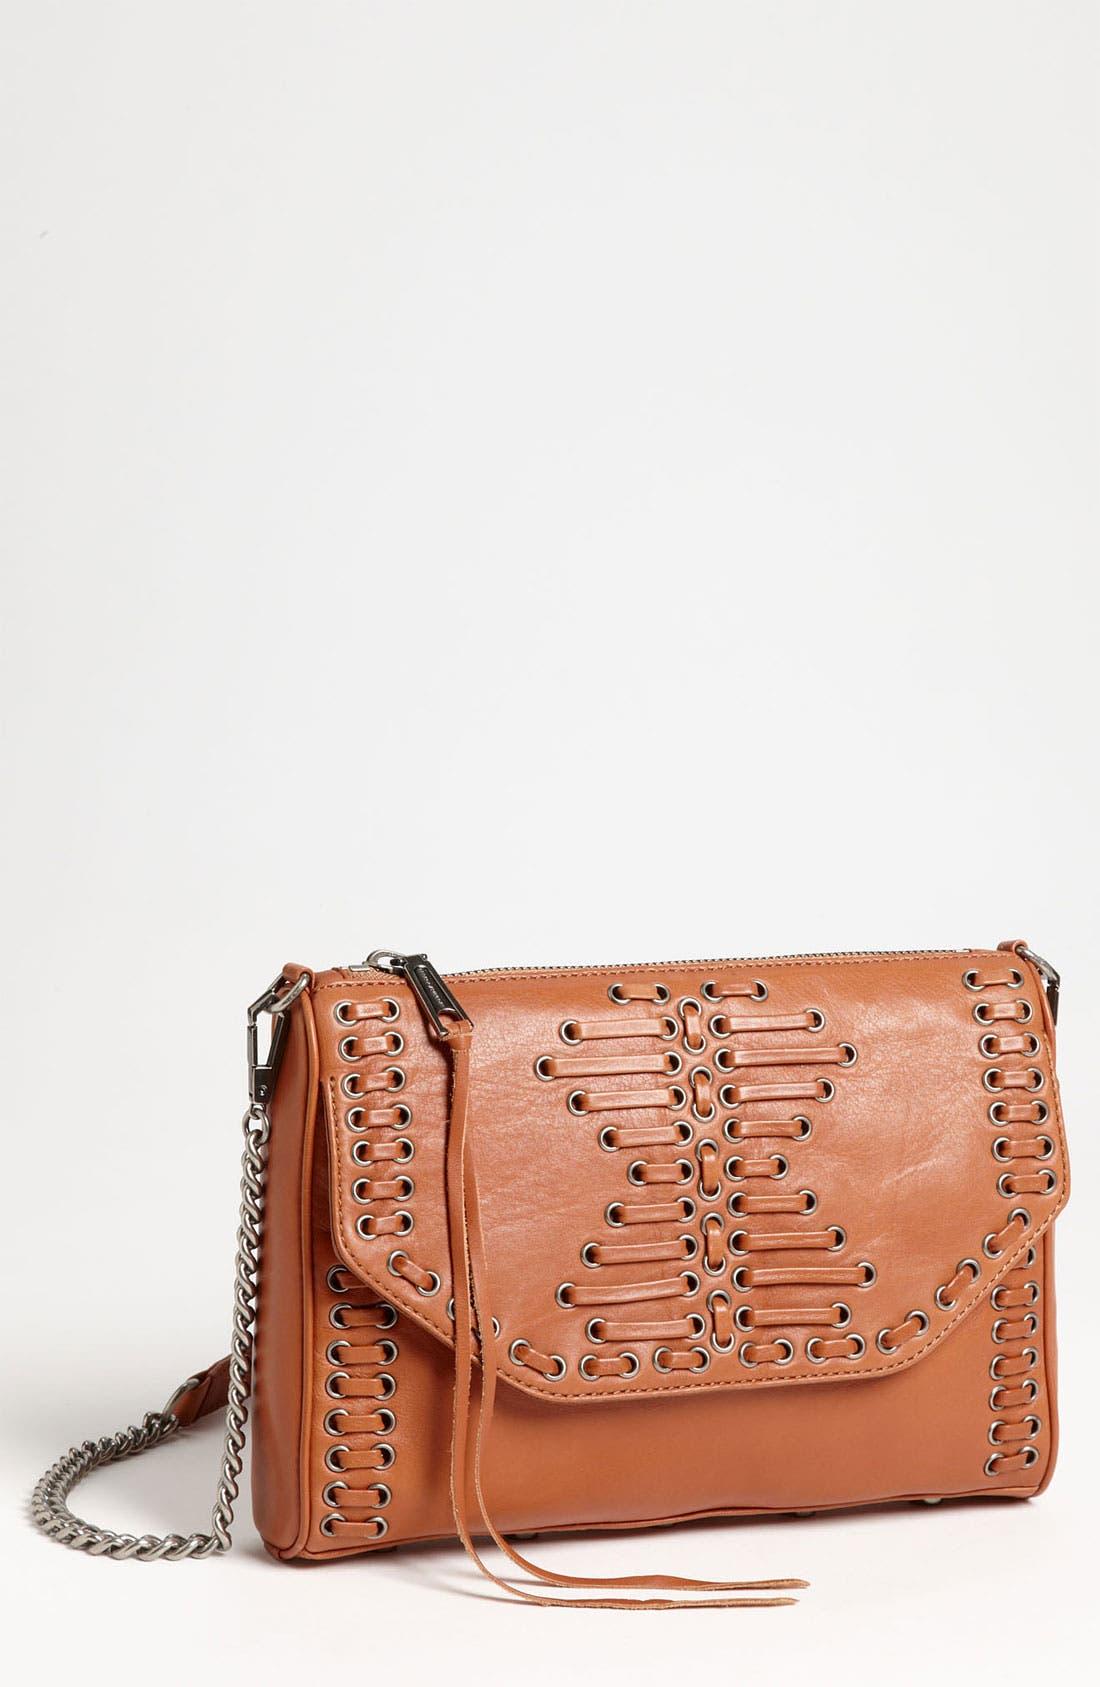 Alternate Image 1 Selected - Rebecca Minkoff Stitched Shoulder Bag